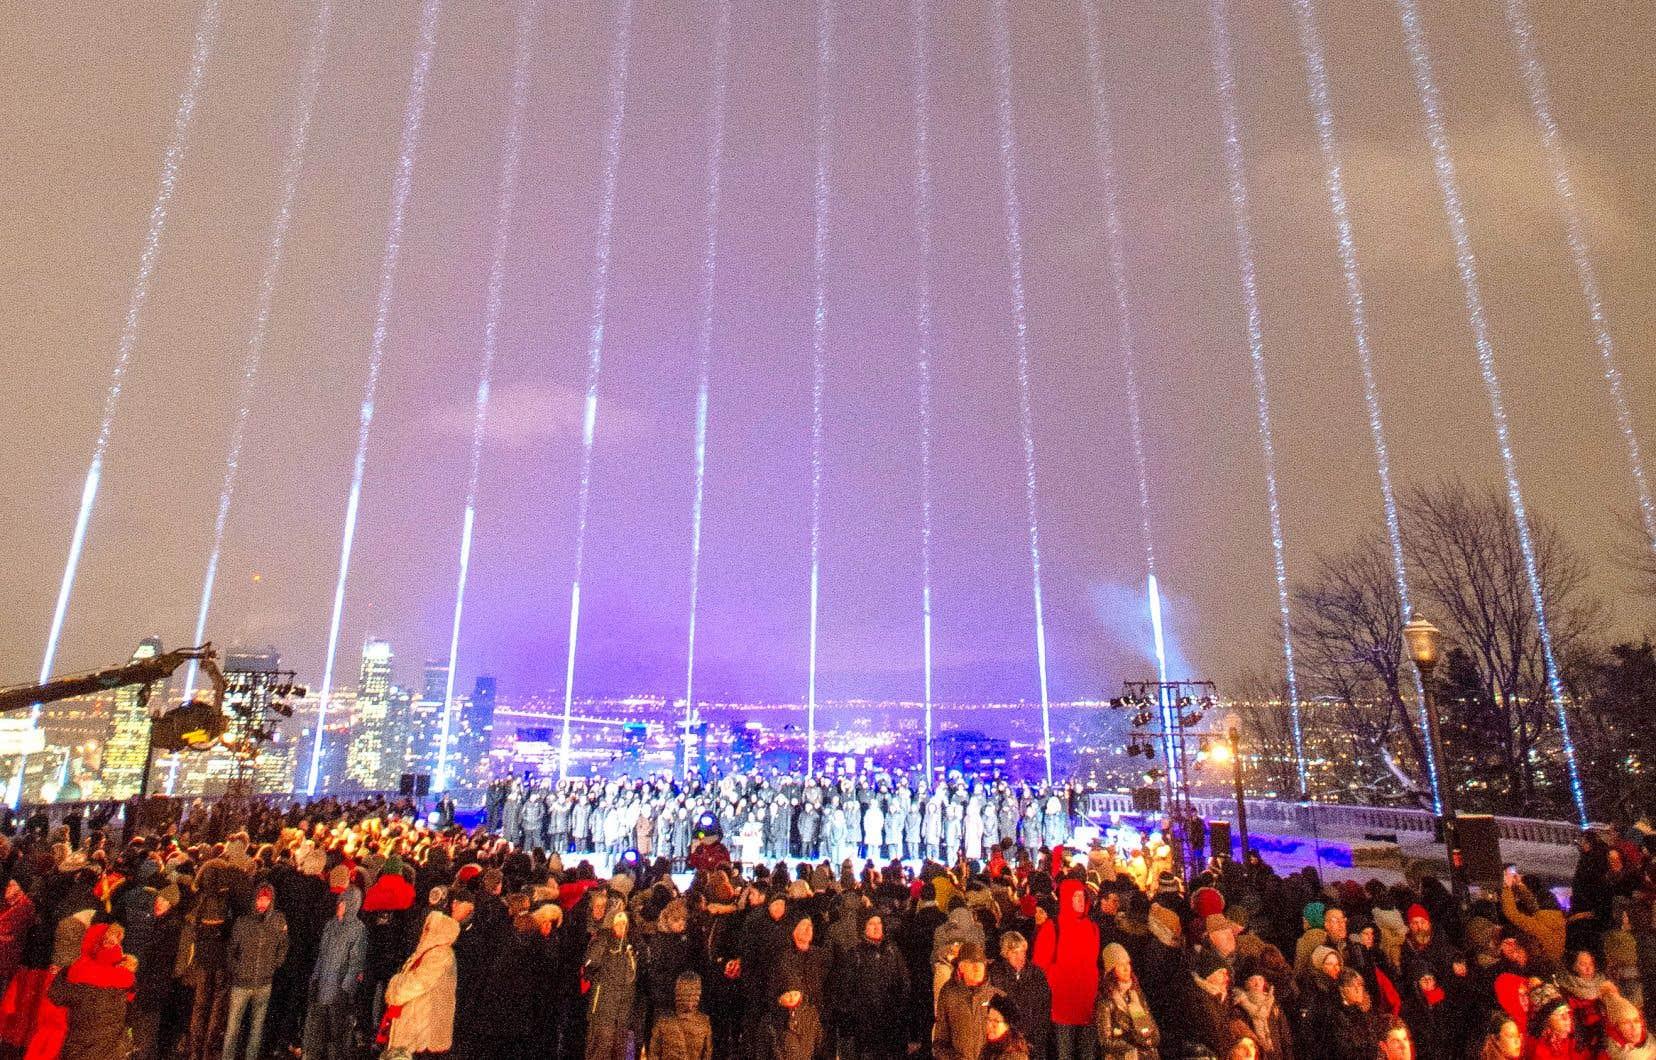 De nombreuses personnes se sont rassemblées sur le mont Royal, vendredi soir, pour rendre hommage aux 14 étudiantes de Polytechnique tombées sous les balles d'un antiféministe le 6 décembre 1989.